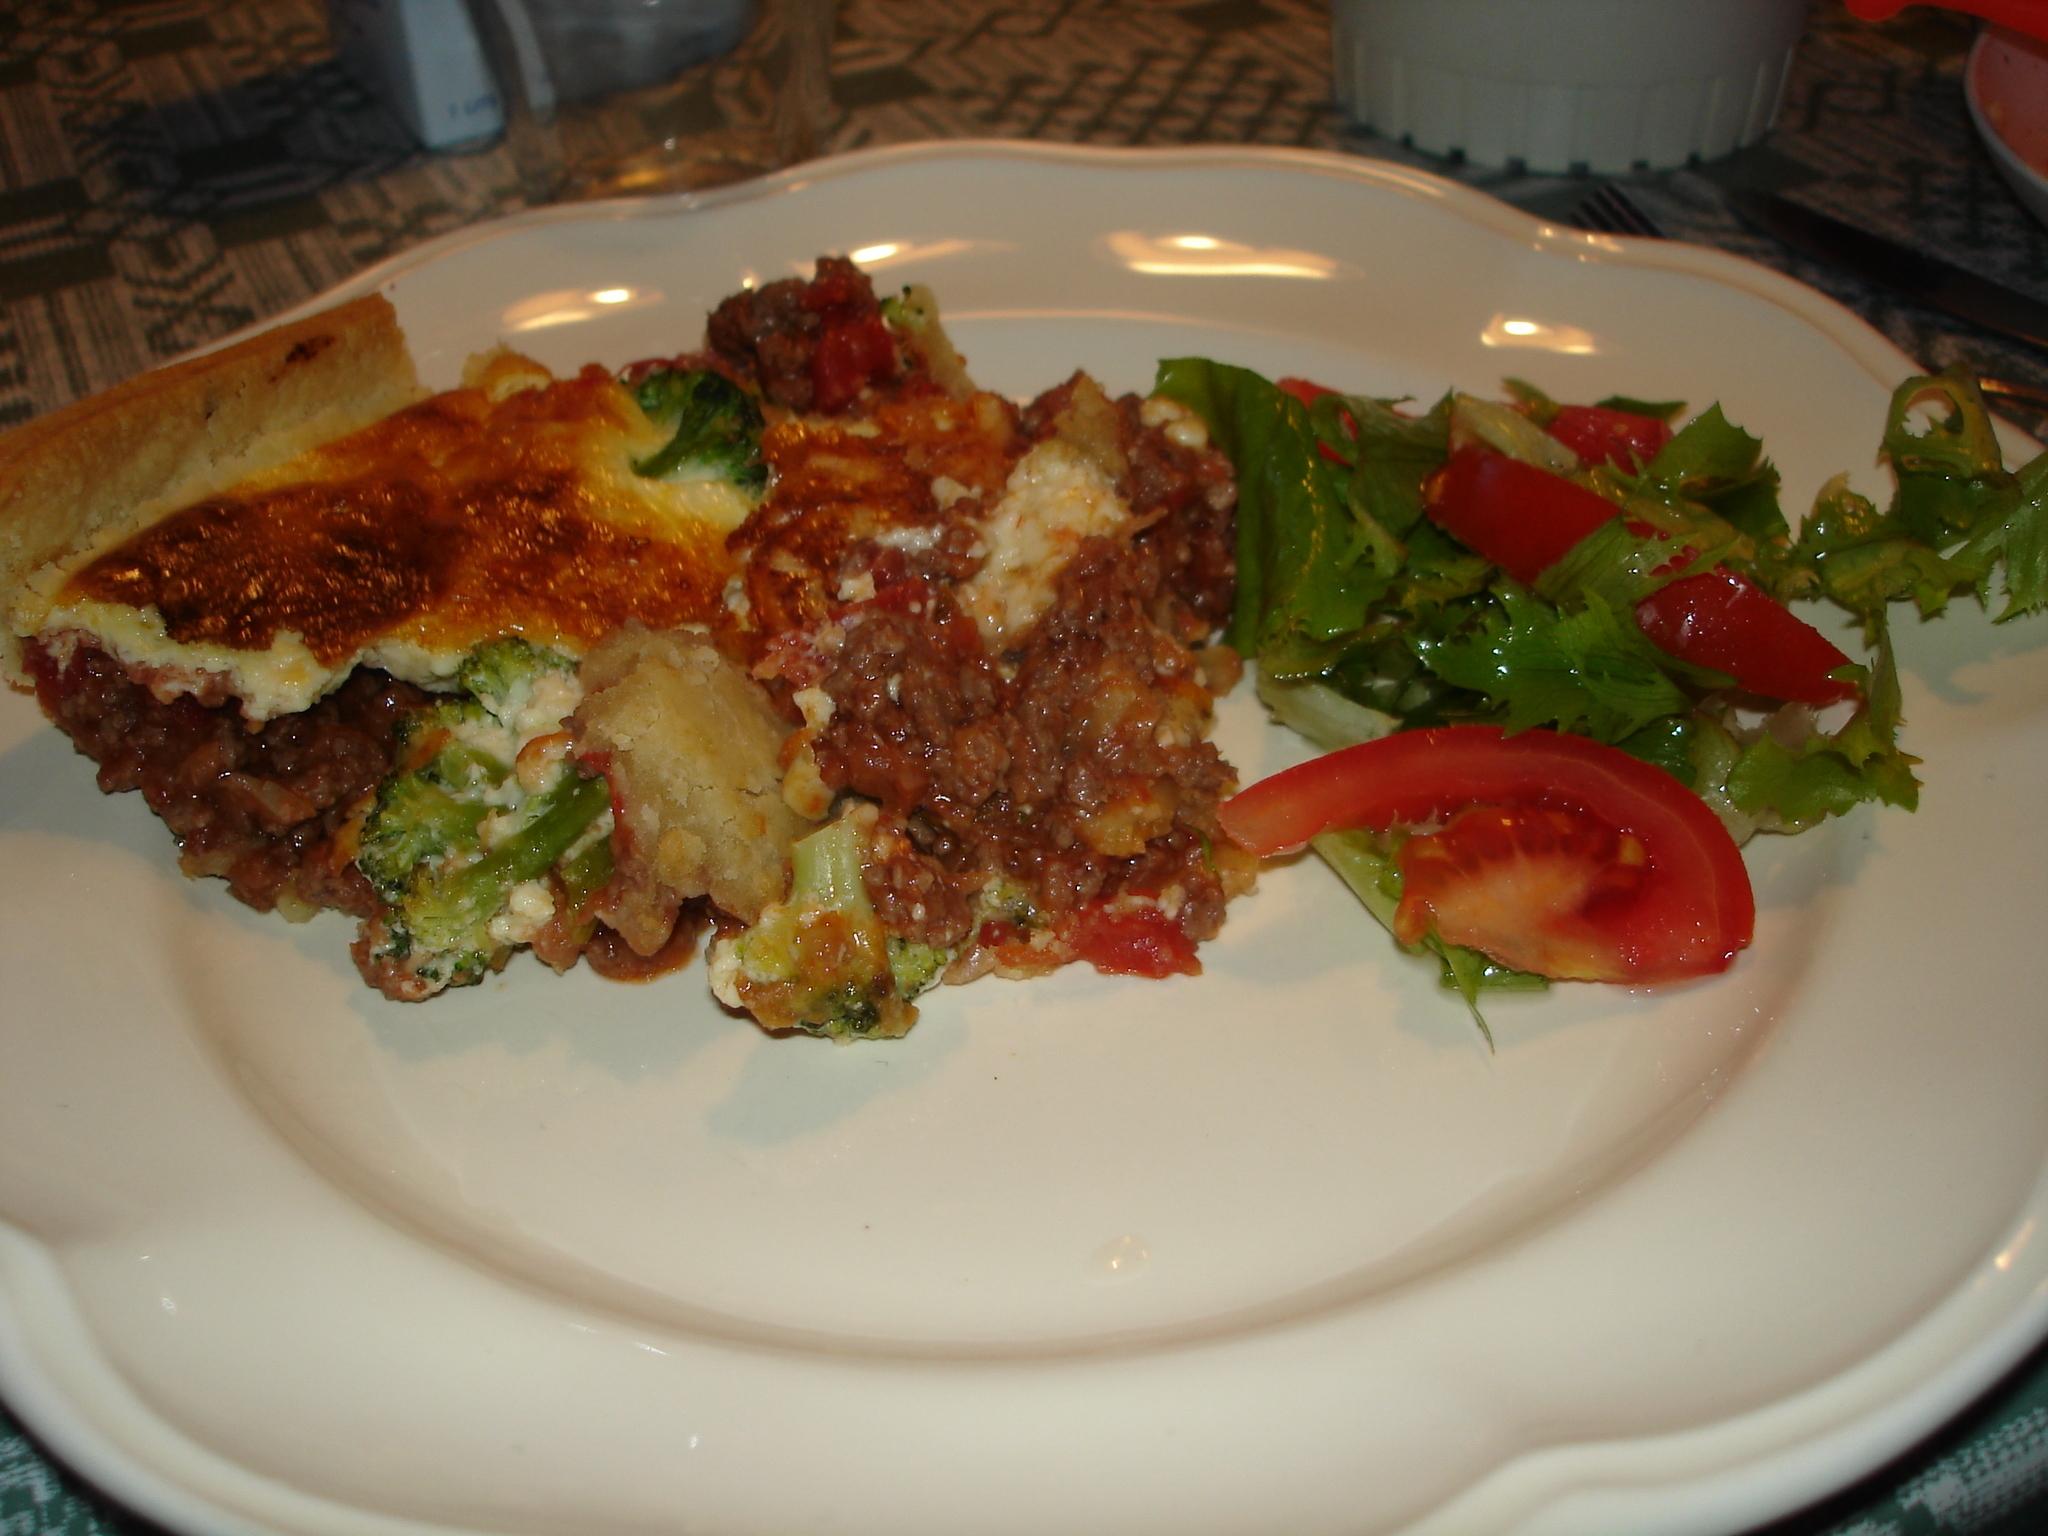 Köttfärspaj med broccoli